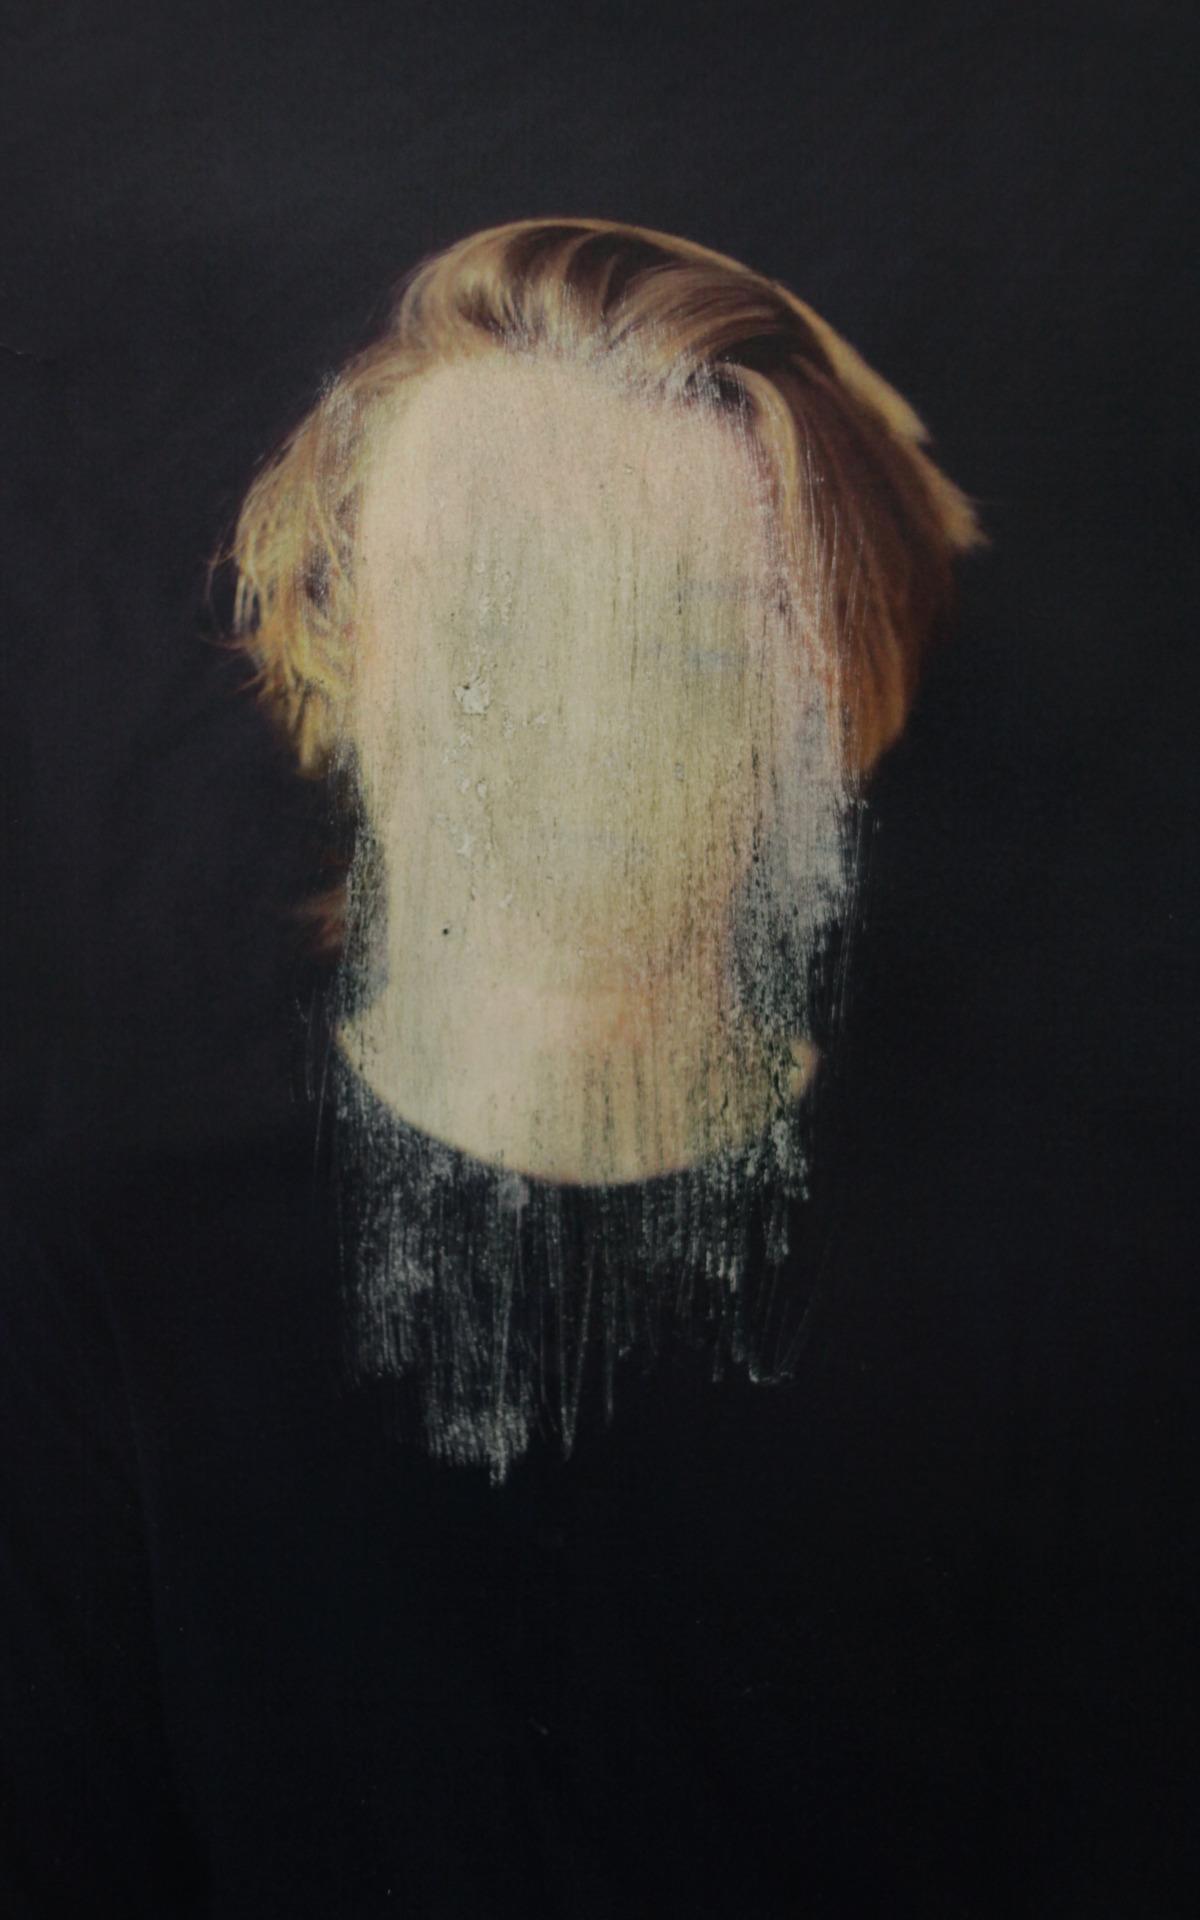 (C) Distress - Jacob Robert Price